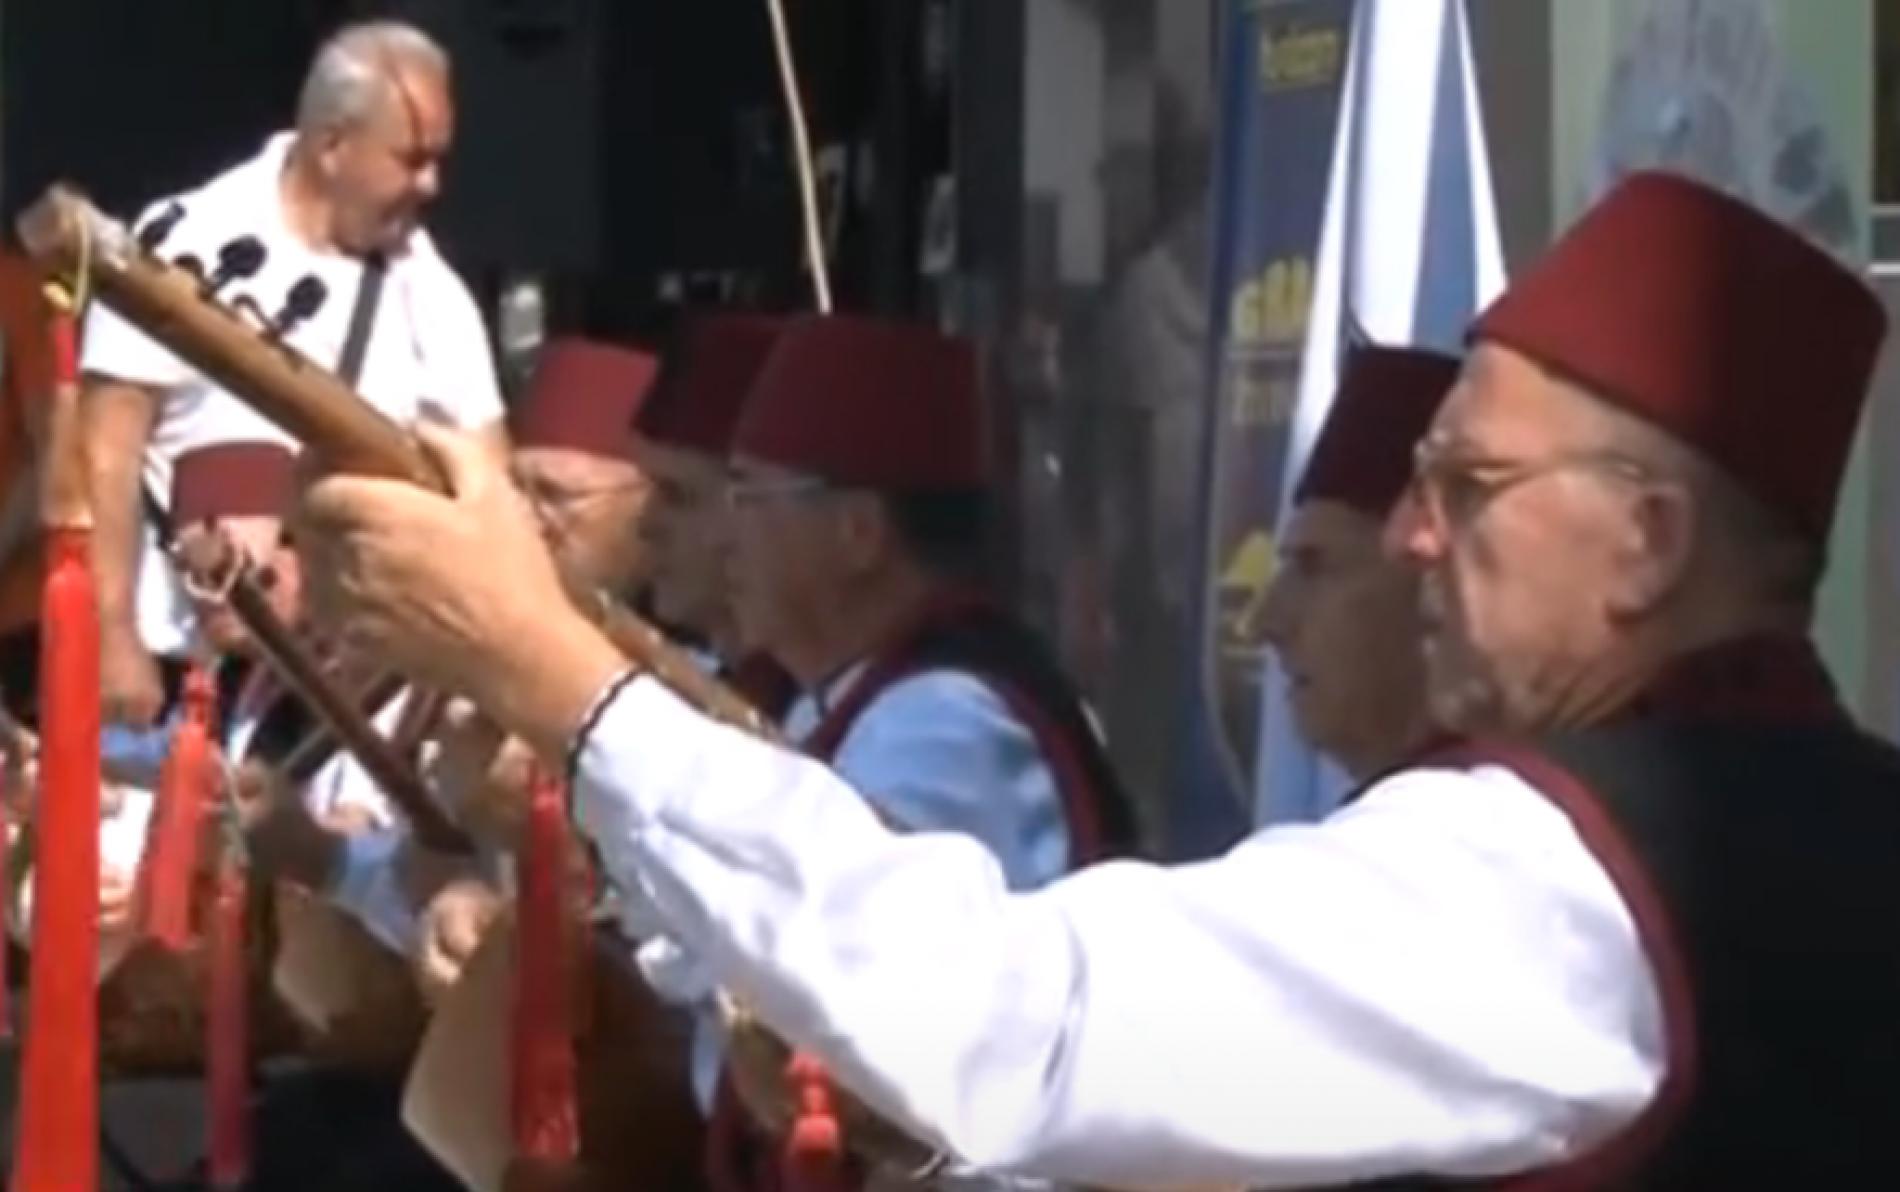 """Domaće, tradicionalno i autohtono na """"Danima agroturizma"""" u Živinicama! (Video)"""